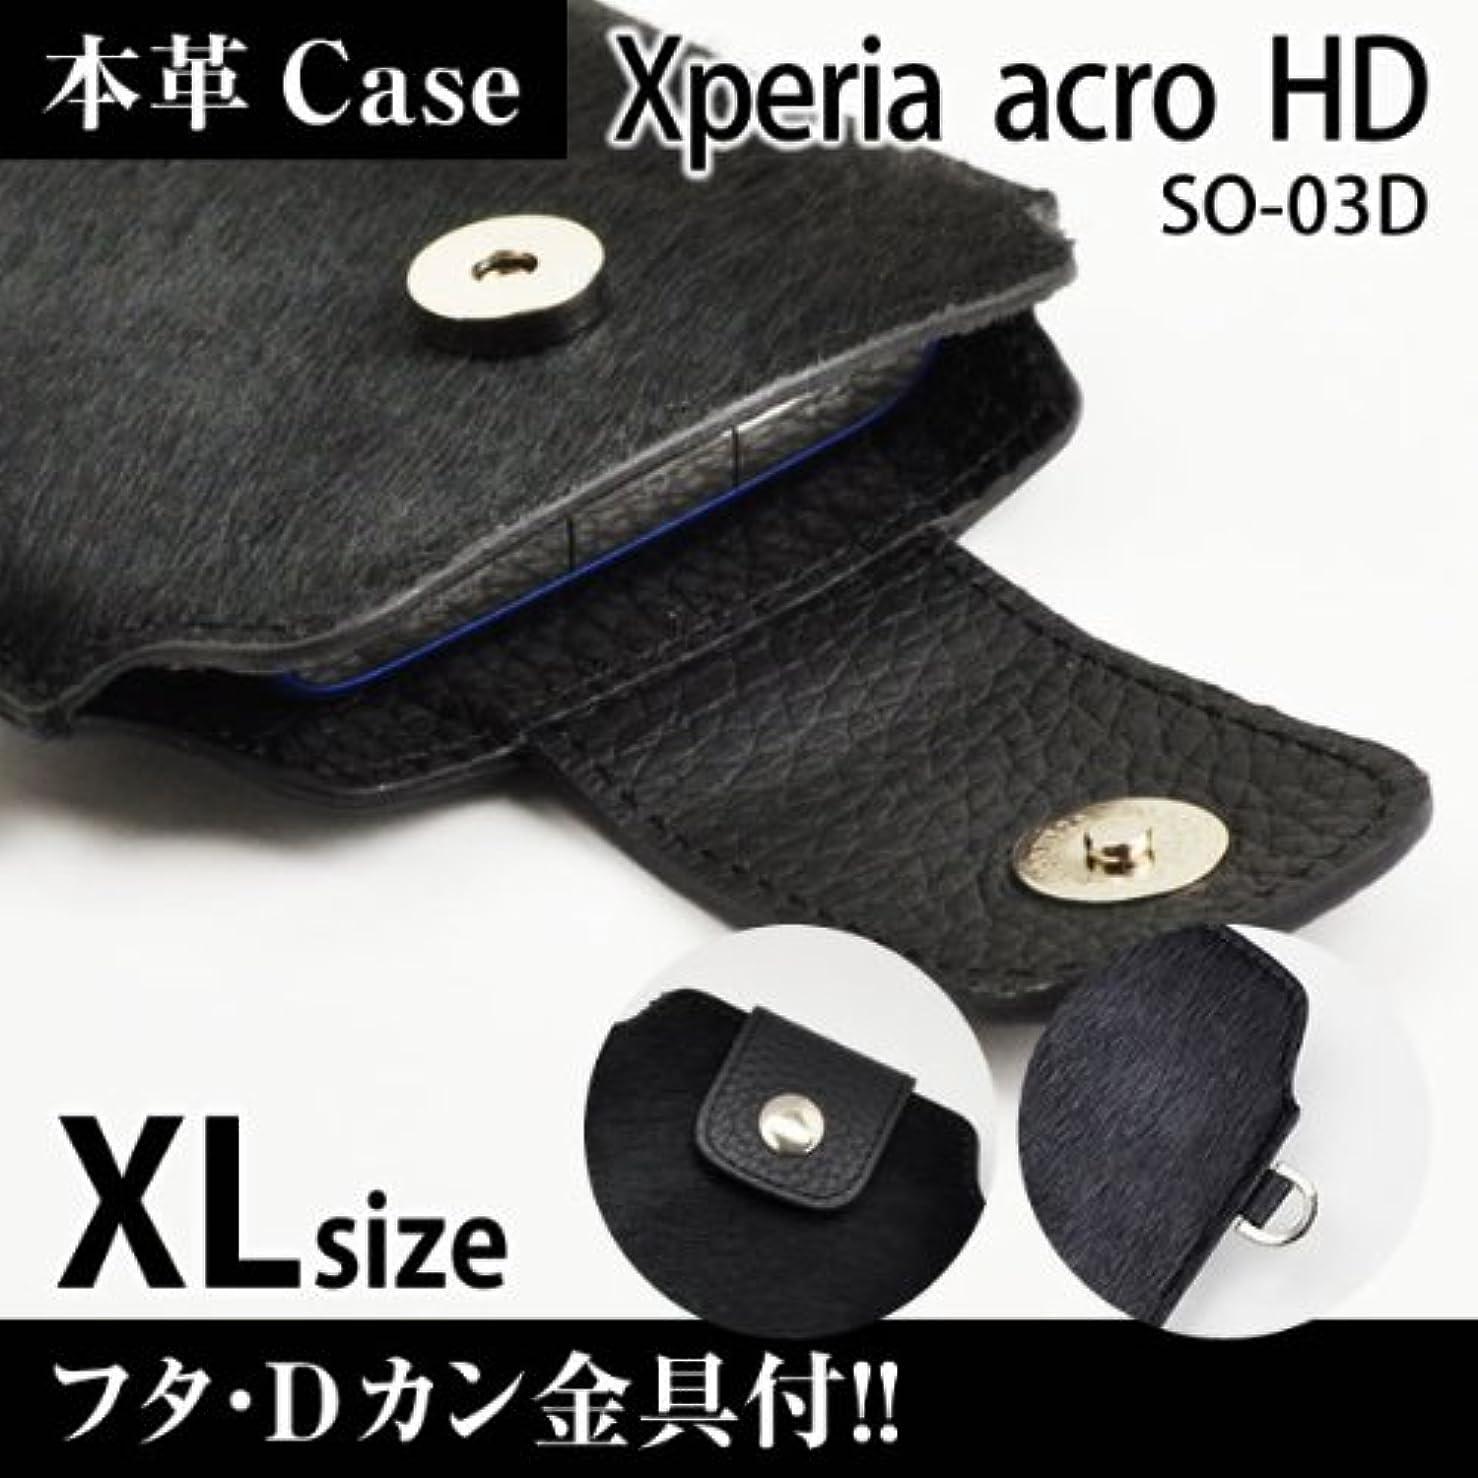 不幸ナンセンス意味するMach Hurrier(マックハリアー) Xperia acro HD SO-03D 携帯 スマホ レザーケース XL フタ?金具付 【 クロヒョウ 】 cac-bleo-51-so-03d